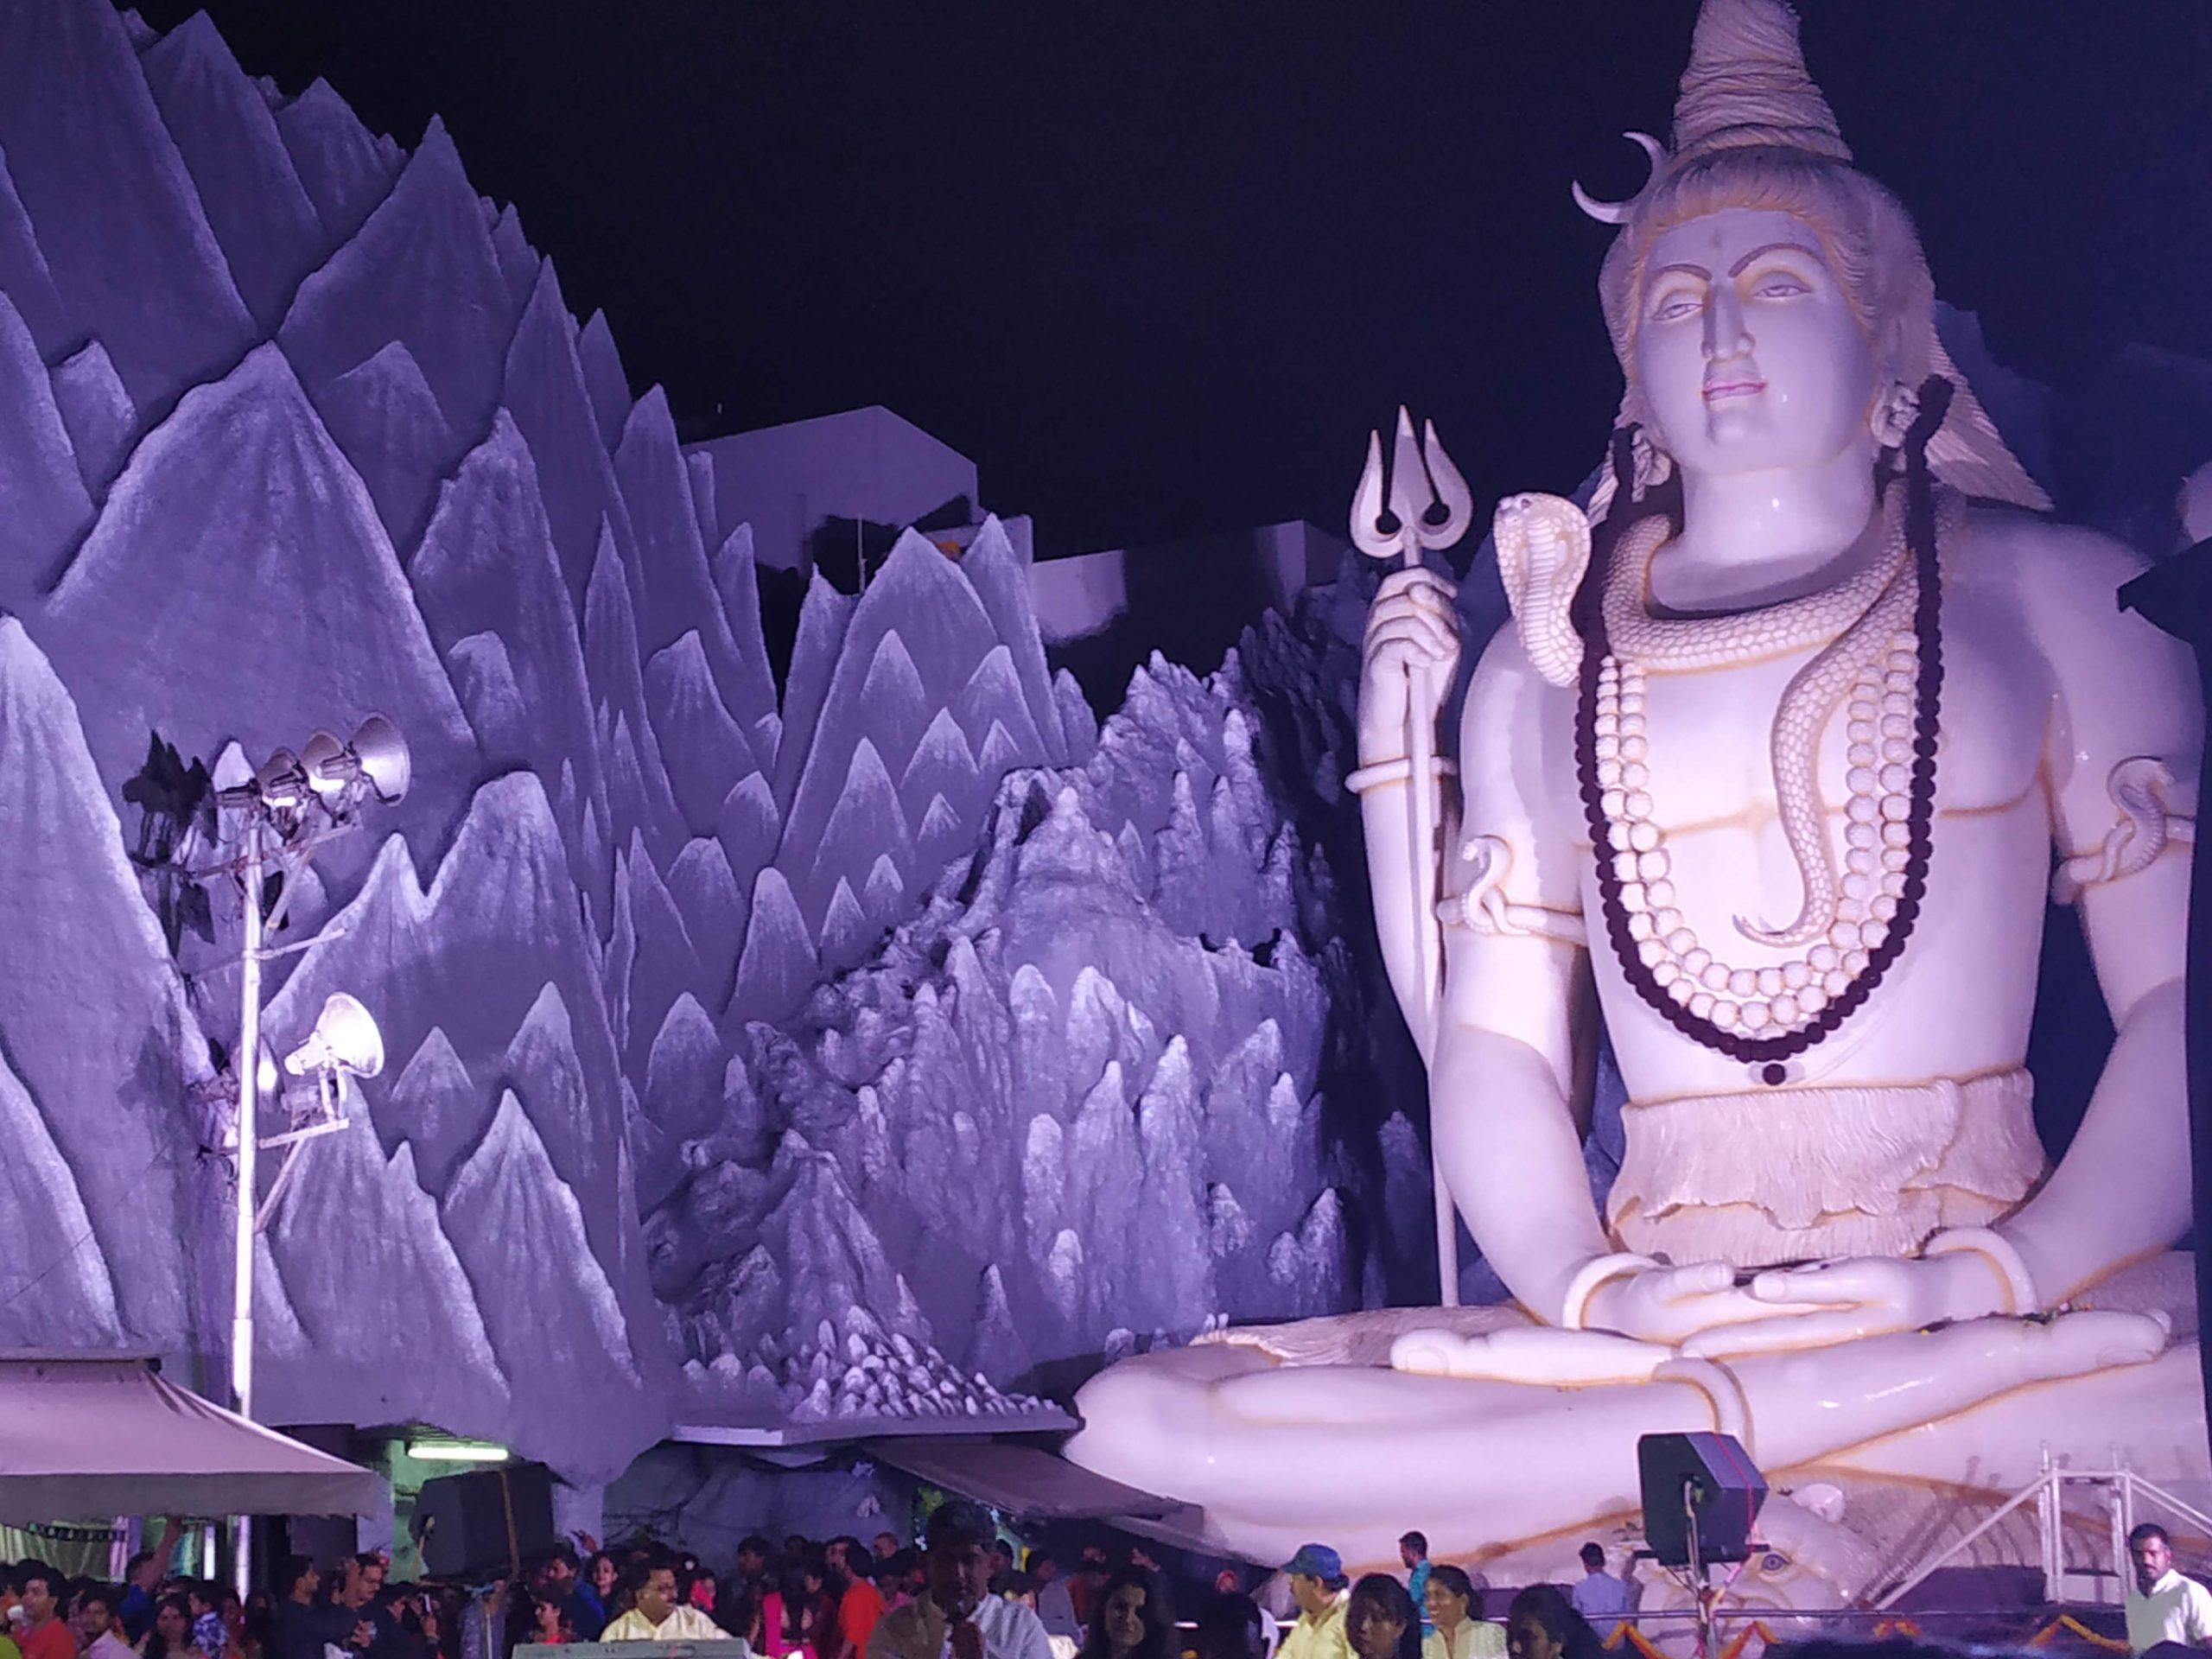 Shivoham Shiva Temple in Bengaluru, India